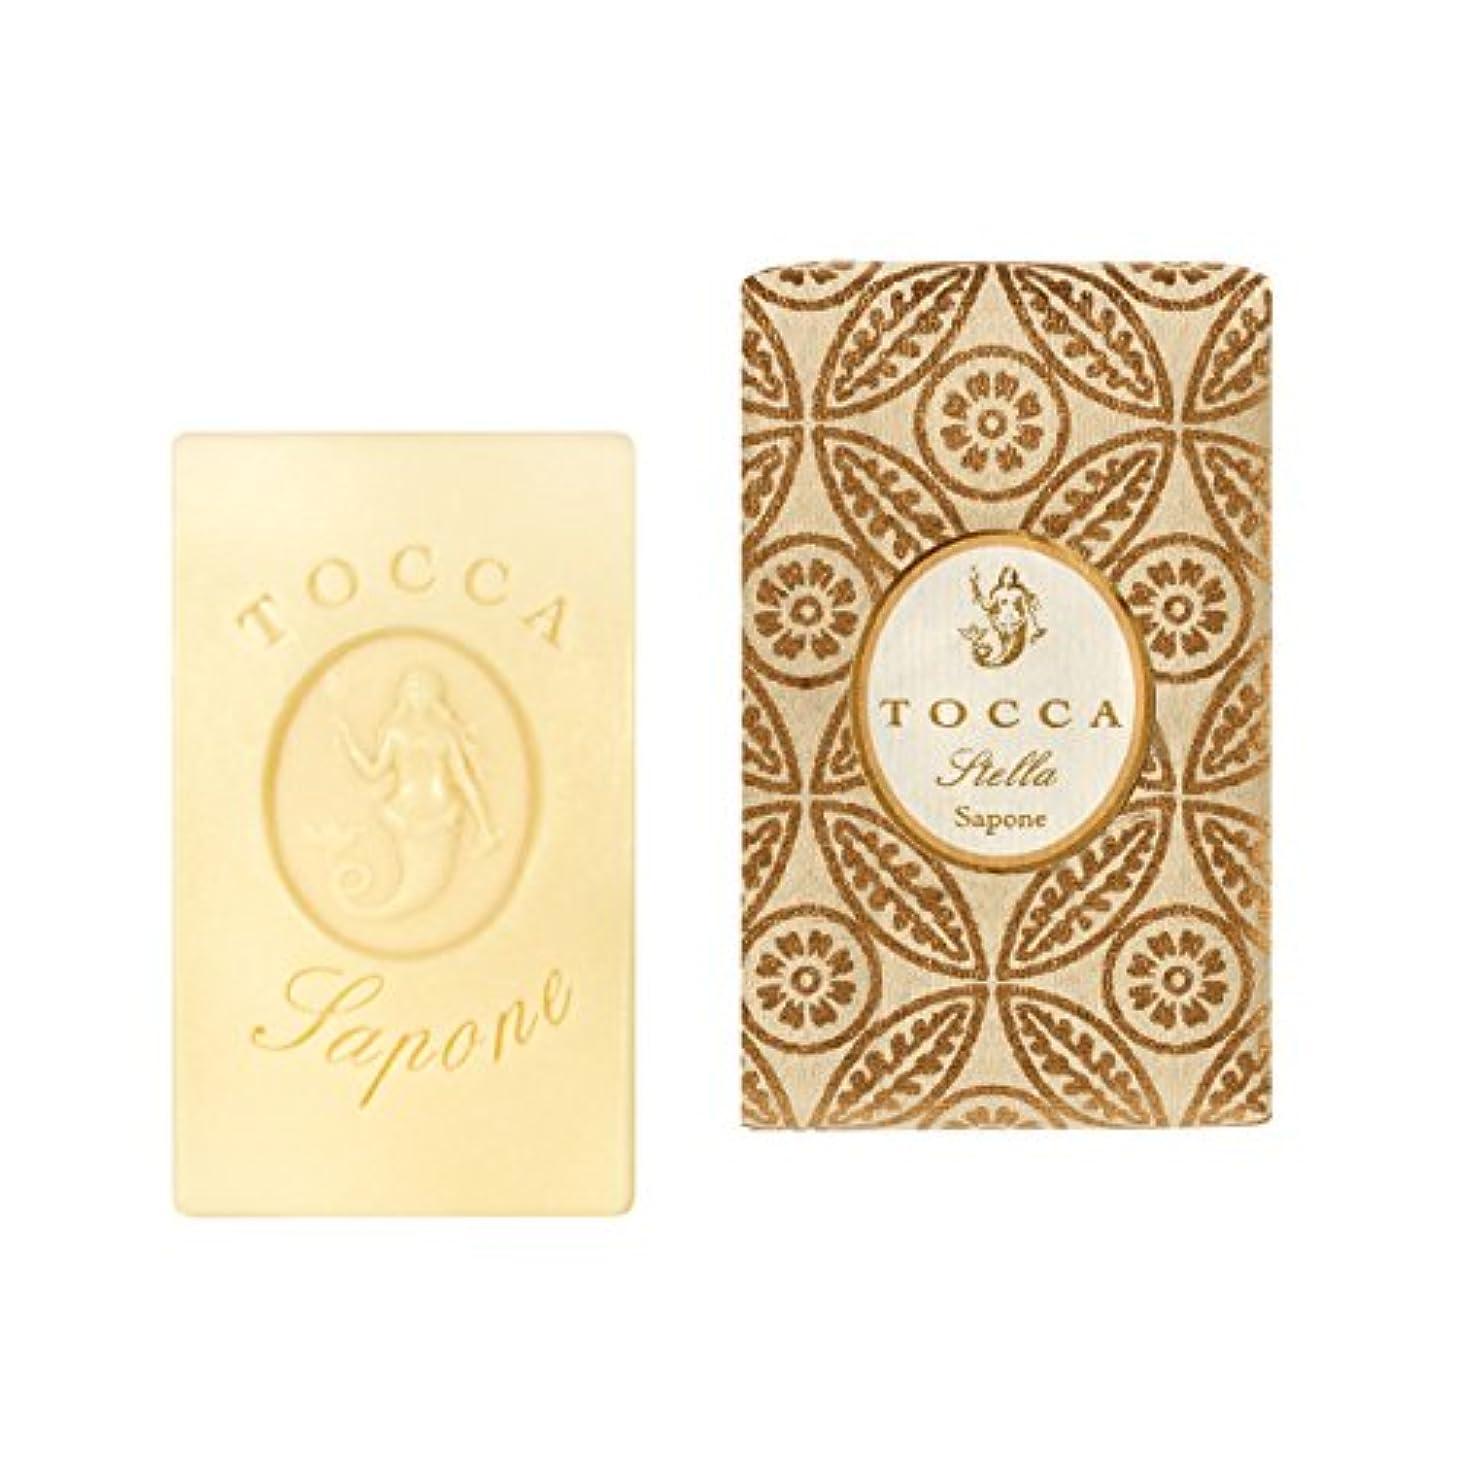 そこから不適最初トッカ(TOCCA) ソープバー ステラの香り 113g(石けん 化粧石けん イタリアンブラッドオレンジが奏でるフレッシュでビターな爽やかさ漂う香り)